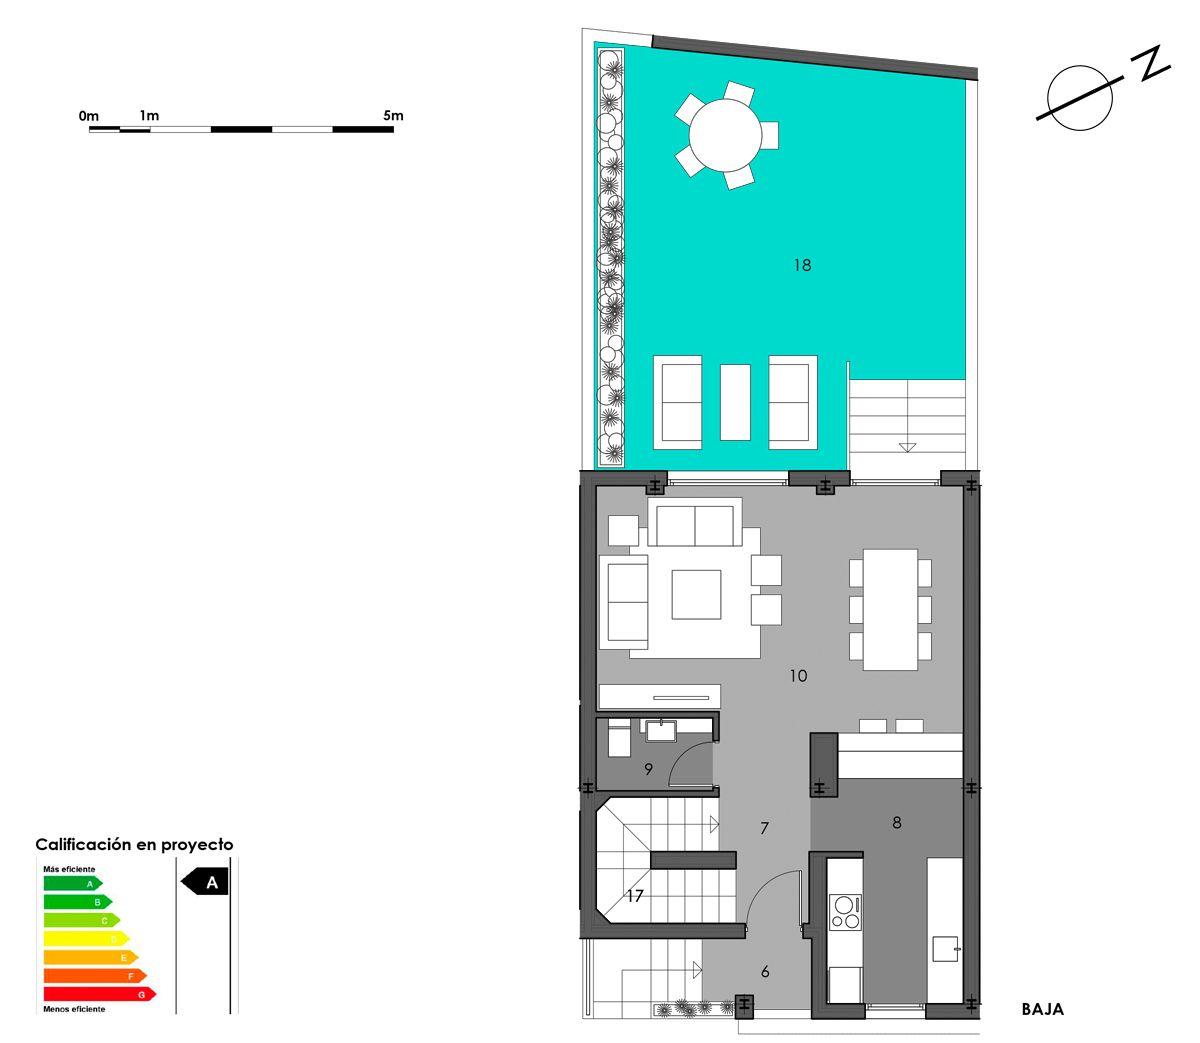 planta baja vivienda 5 con cocina americana